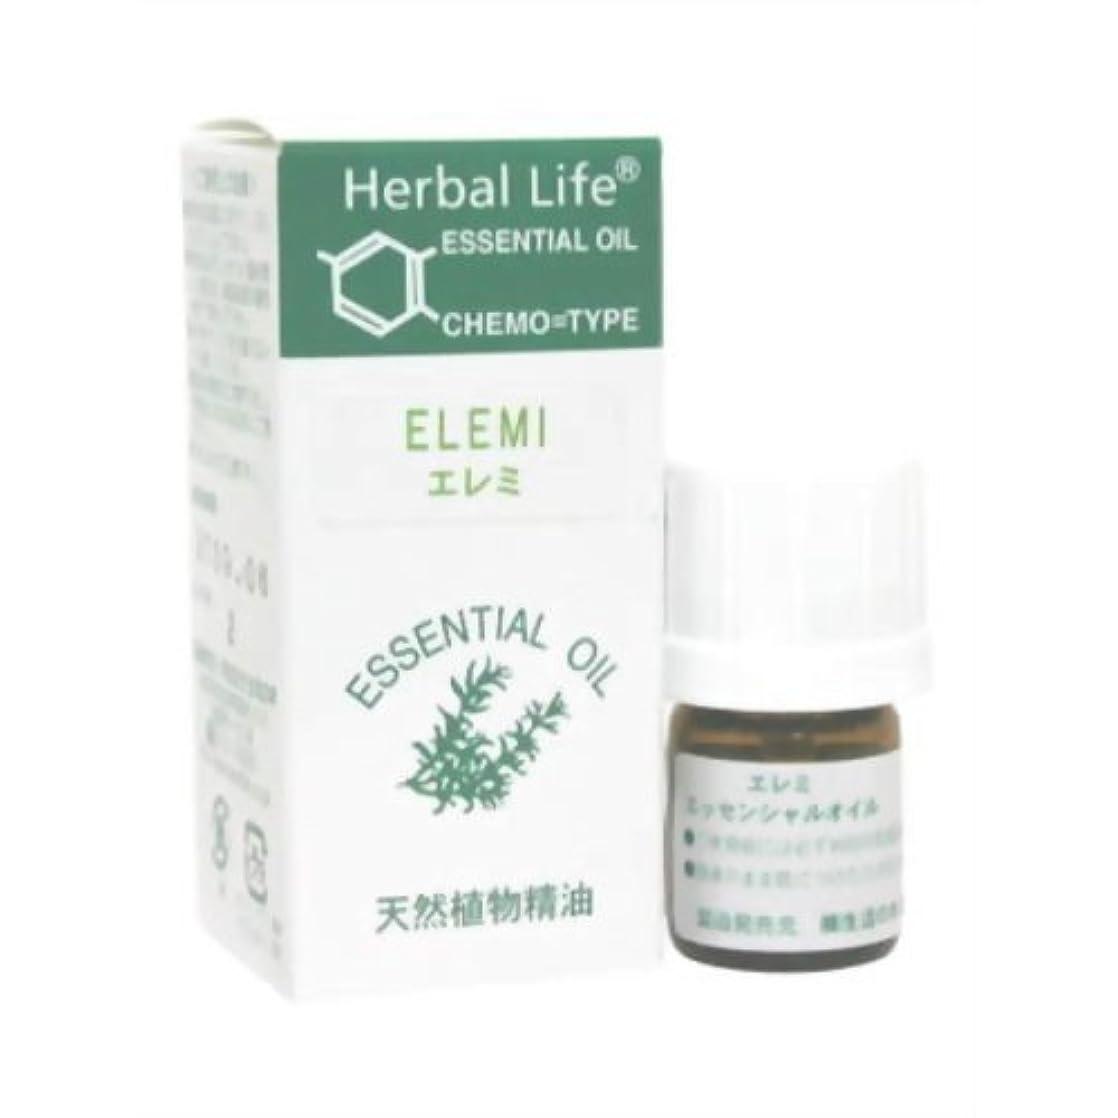 共産主義内なる感度Herbal Life エレミ 3ml